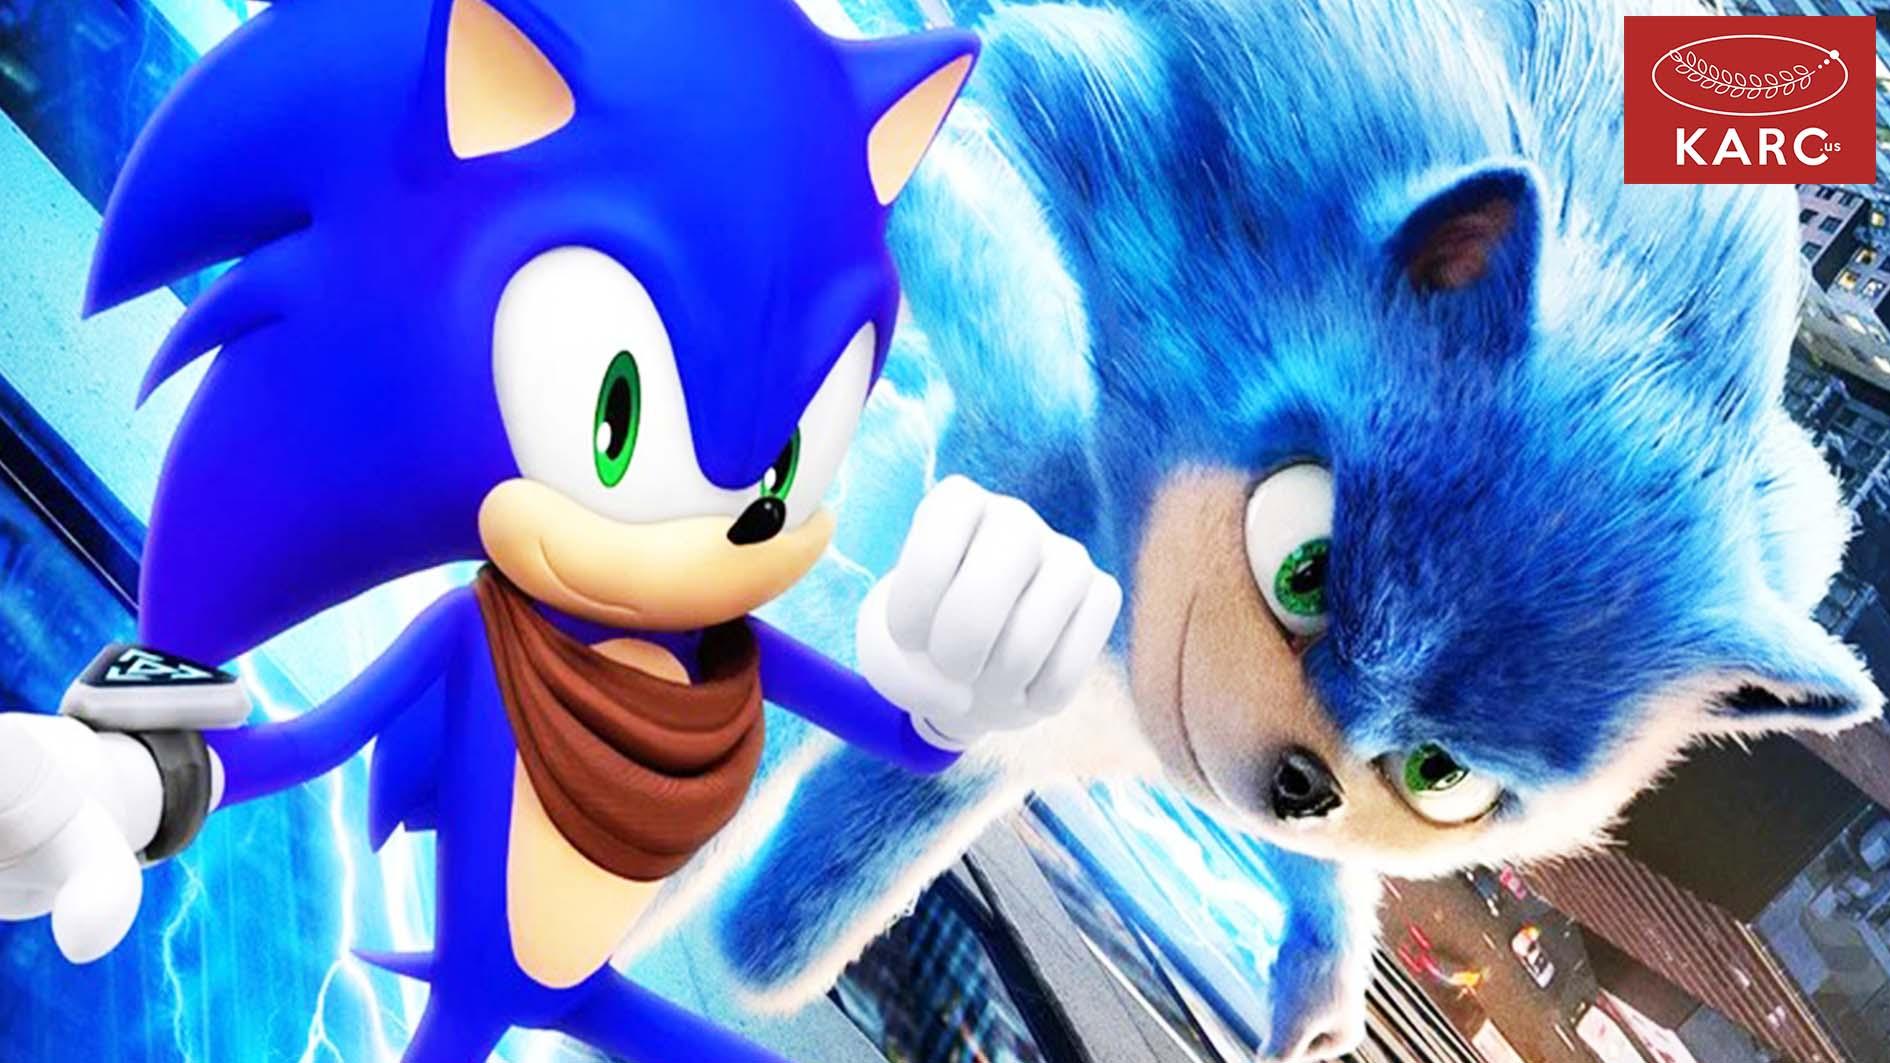 ลือ ! หรือนี้คือ Sonic ที่ปรับปรุงและออกแบบตัวละครเสร็จแล้ว karc.us วงการภาพยนต์ , แนะนำหนังดี , แนะนำหนังน่าดู , หนังน่าดู , รีวิวหนังใหม่ , ก่อนตายต้องได้ดู! , ข่าวดารา , ข่าวเด่นประเด็นร้อน , รีวิวหนังใหม่ , หนังดังในอดีต , karc.us